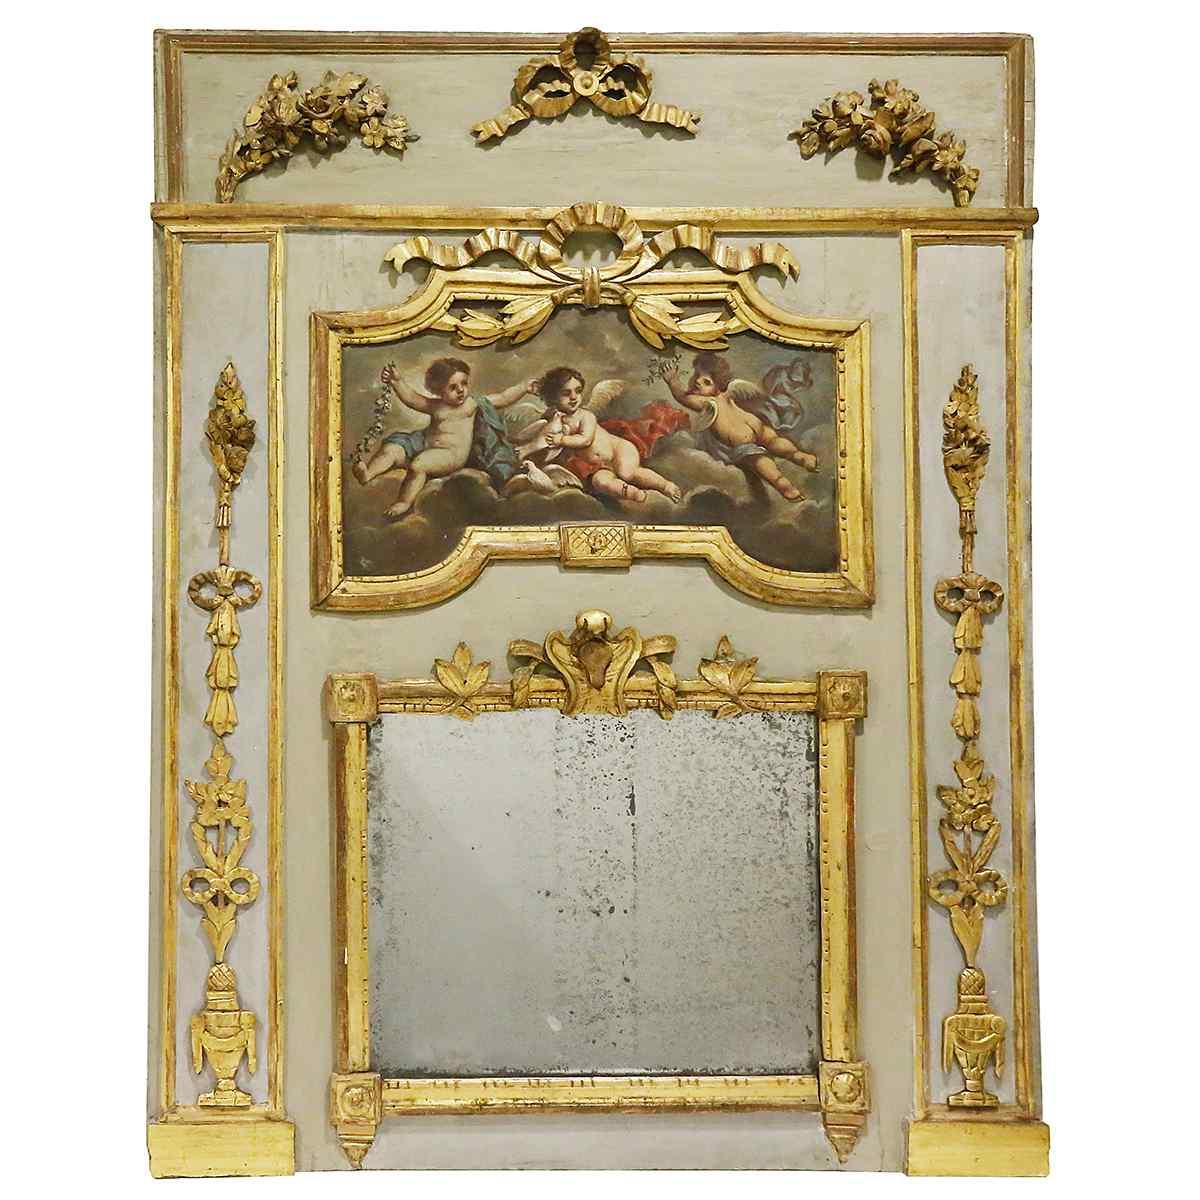 Un miroir trumeau du 18ème siècle